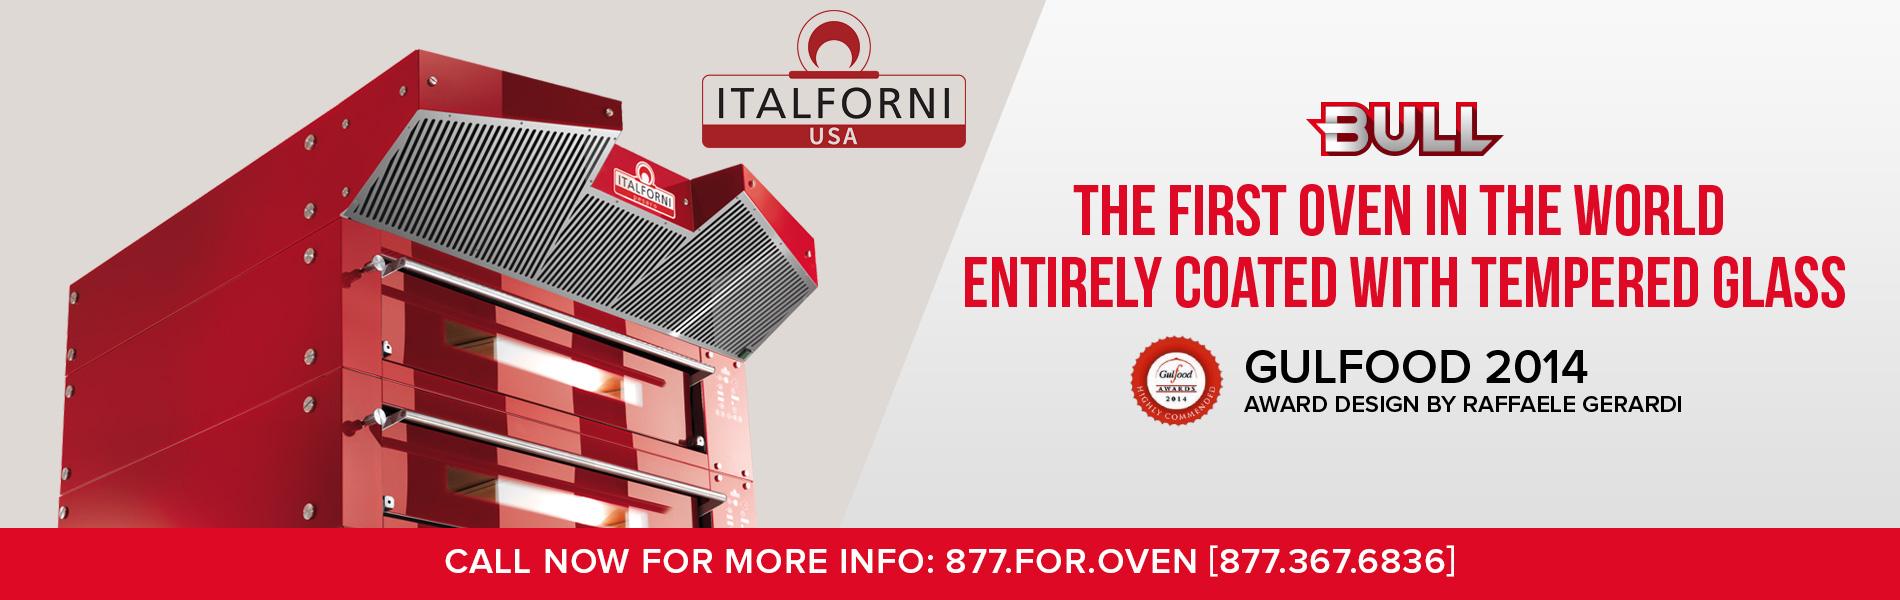 Italforni-bulldeck Pizza Oven